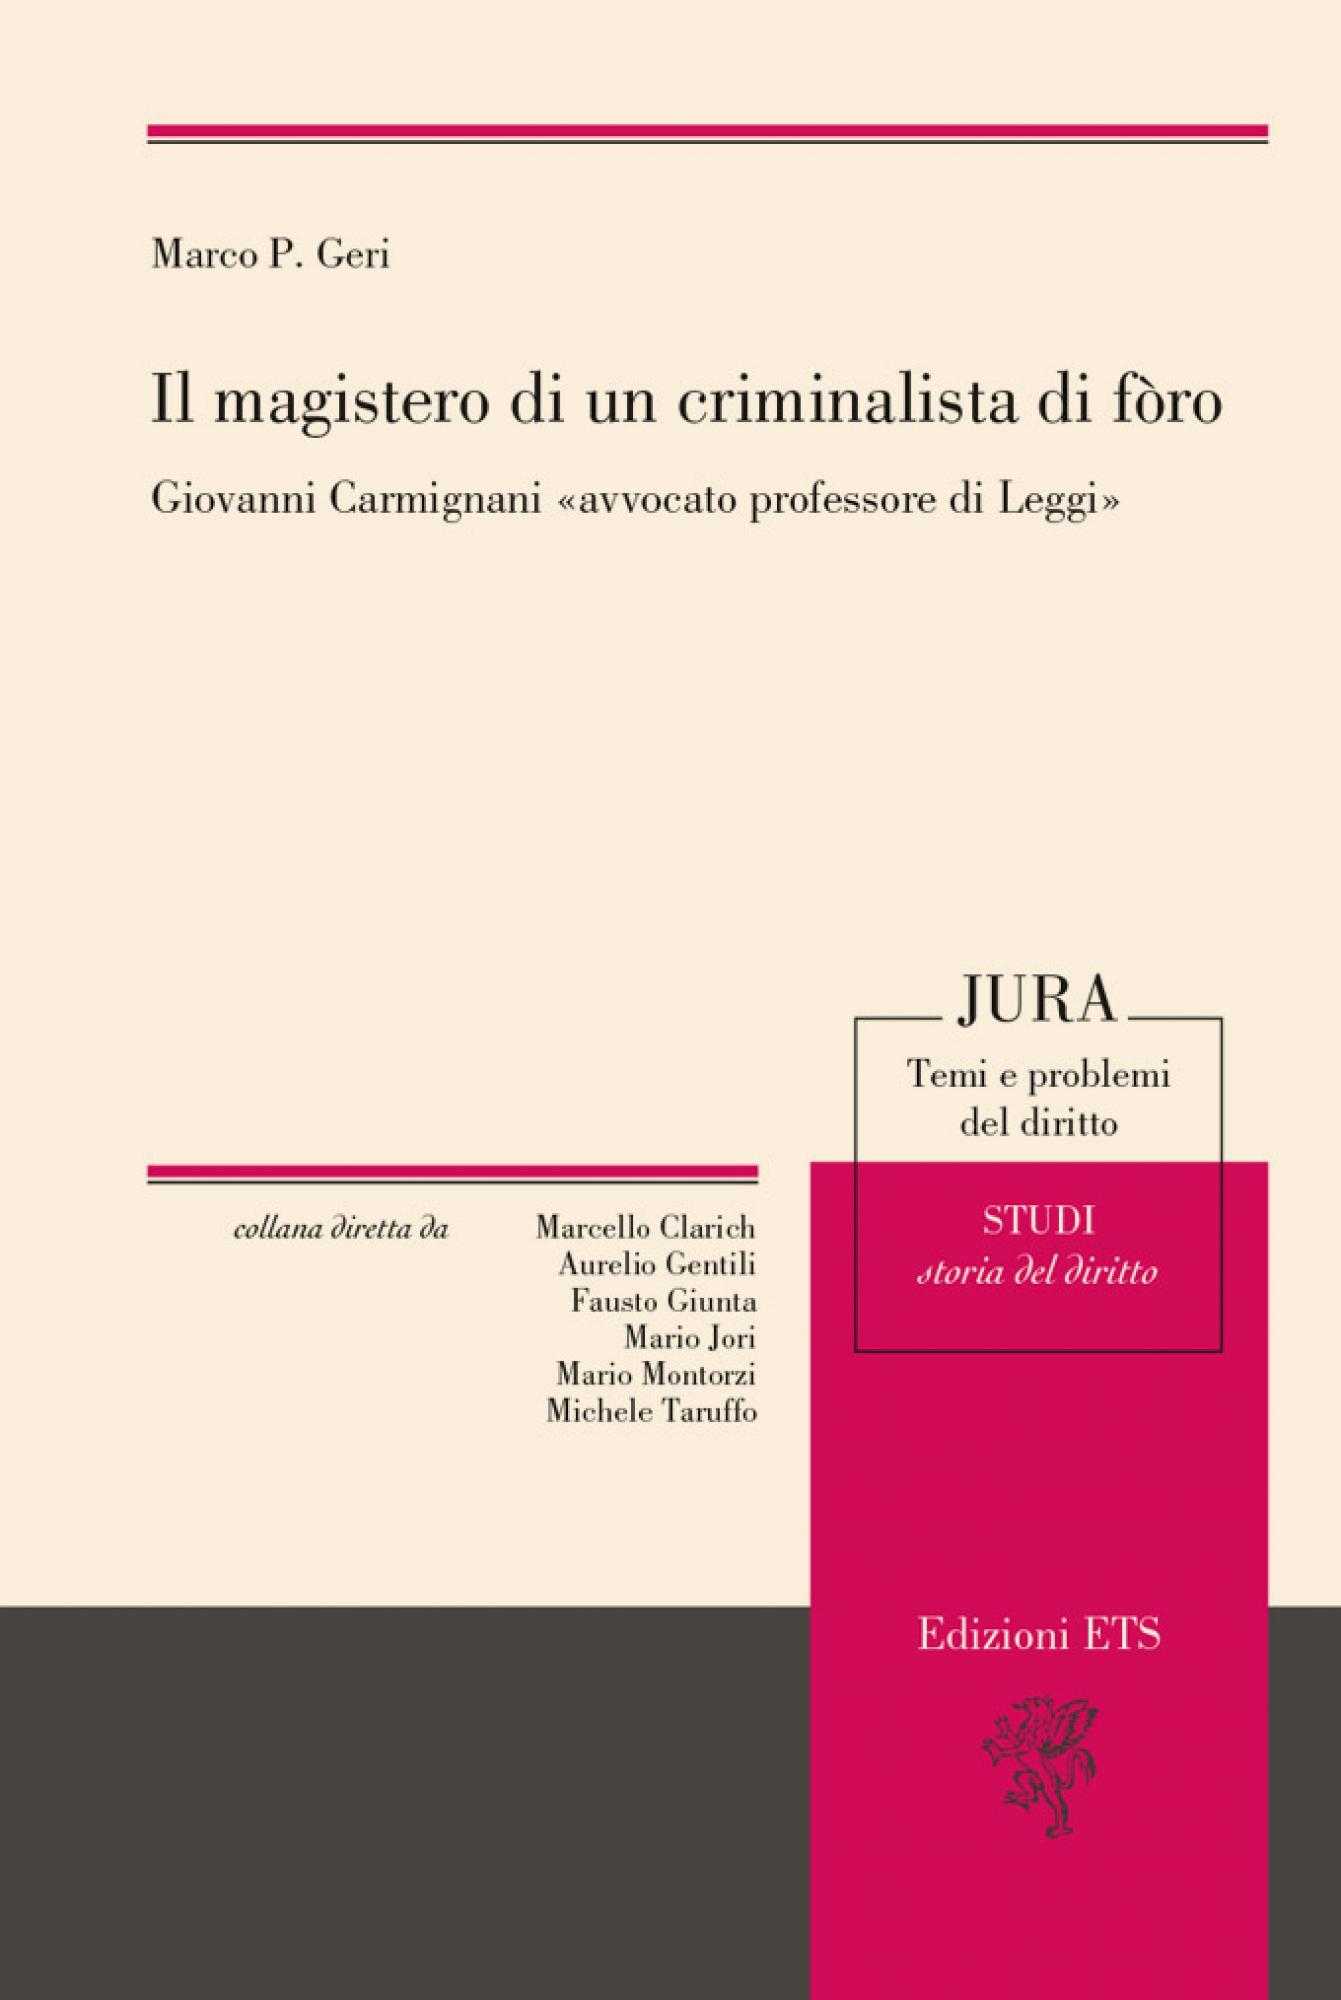 Il magistero di un criminalista di fòro.Giovanni Carmignani «avvocato professore di Leggi»